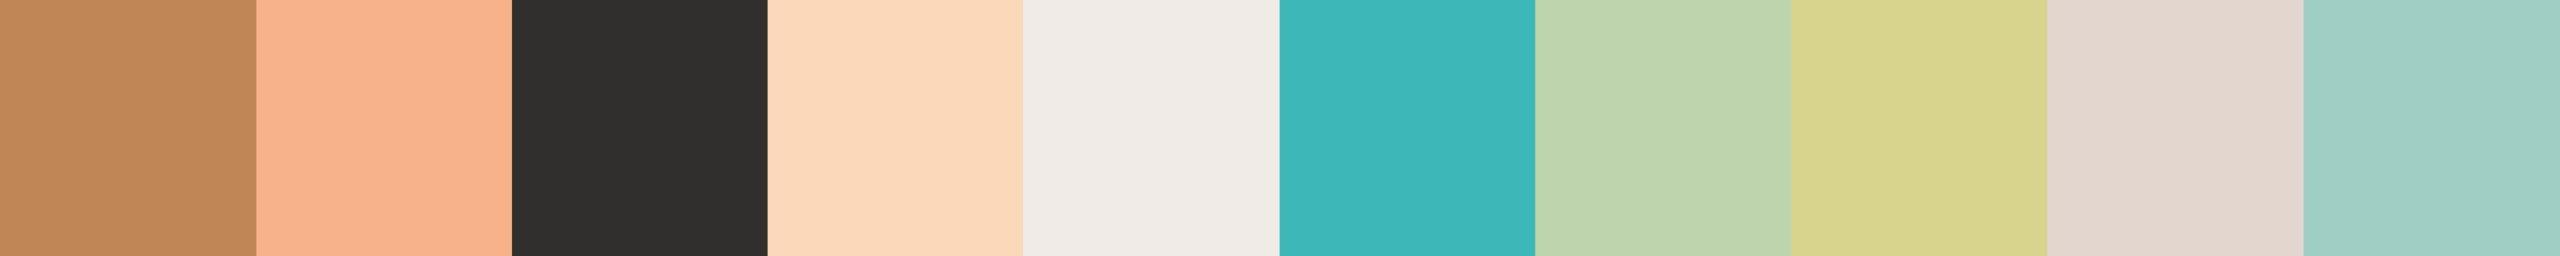 221 Katiana Color Palette